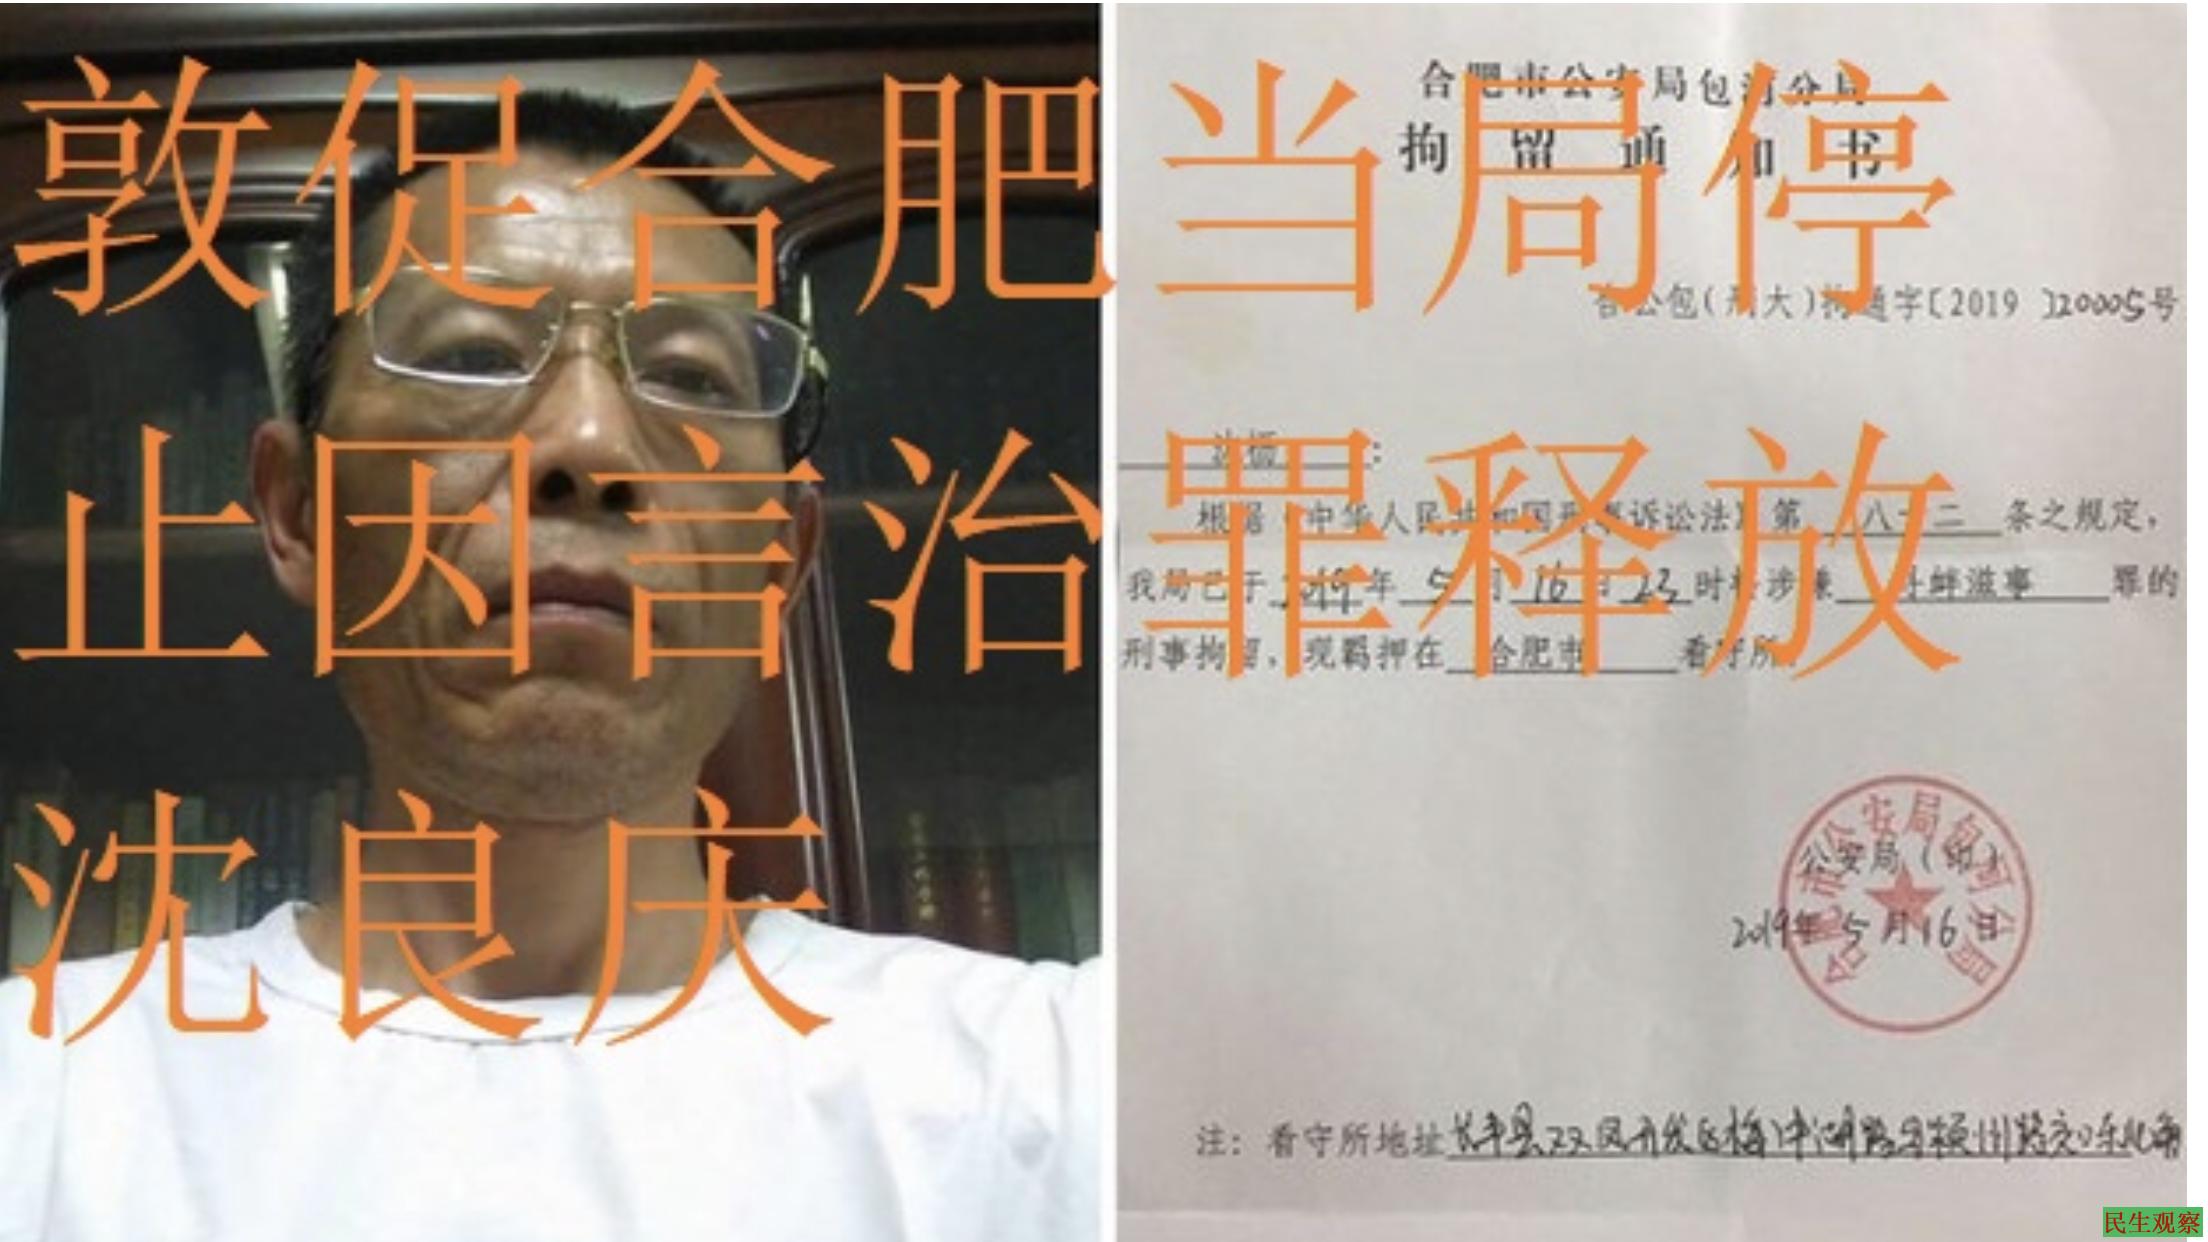 敦促合肥当局停止因言治罪释放沈良庆